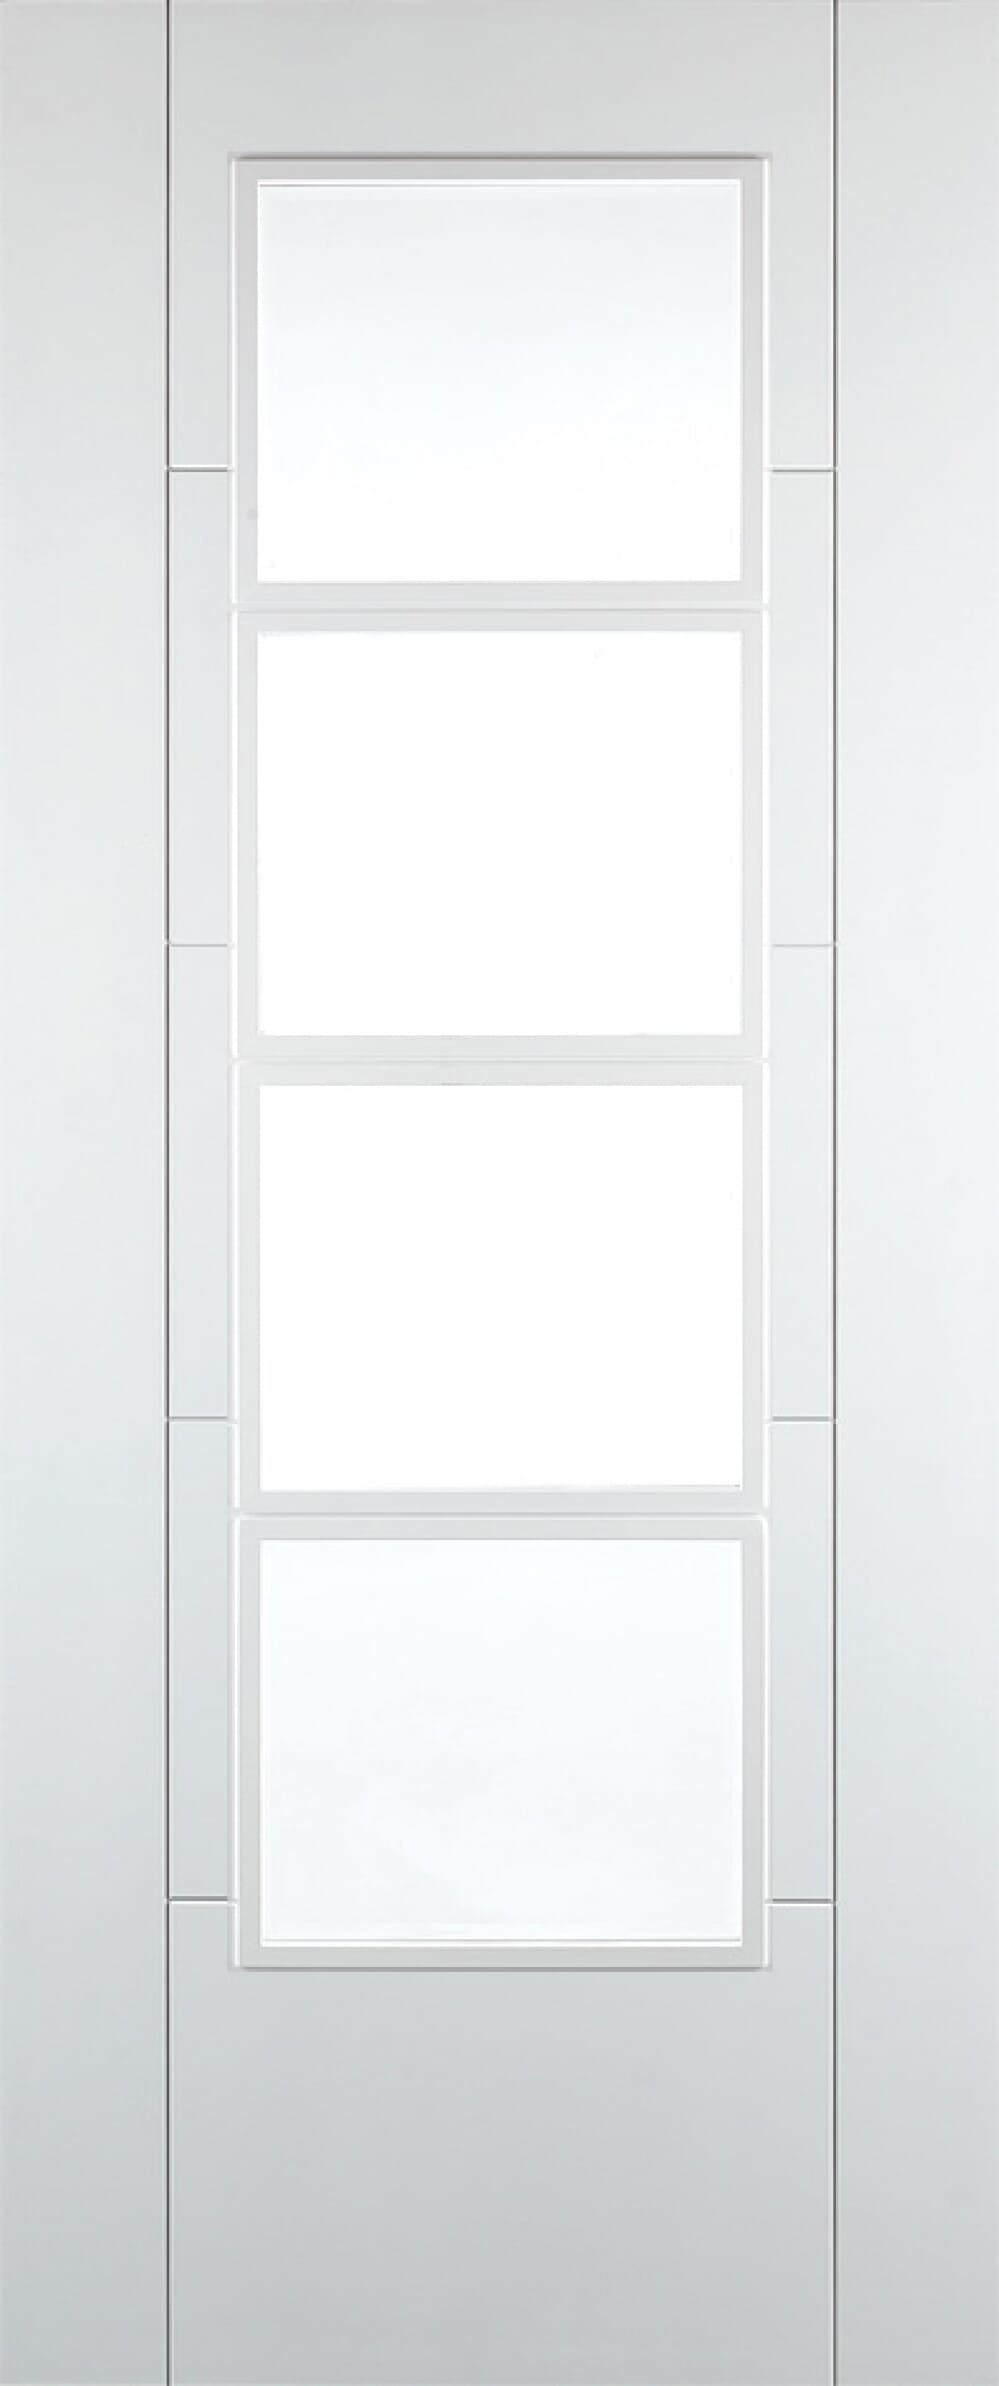 Iseo White 4 Light Image